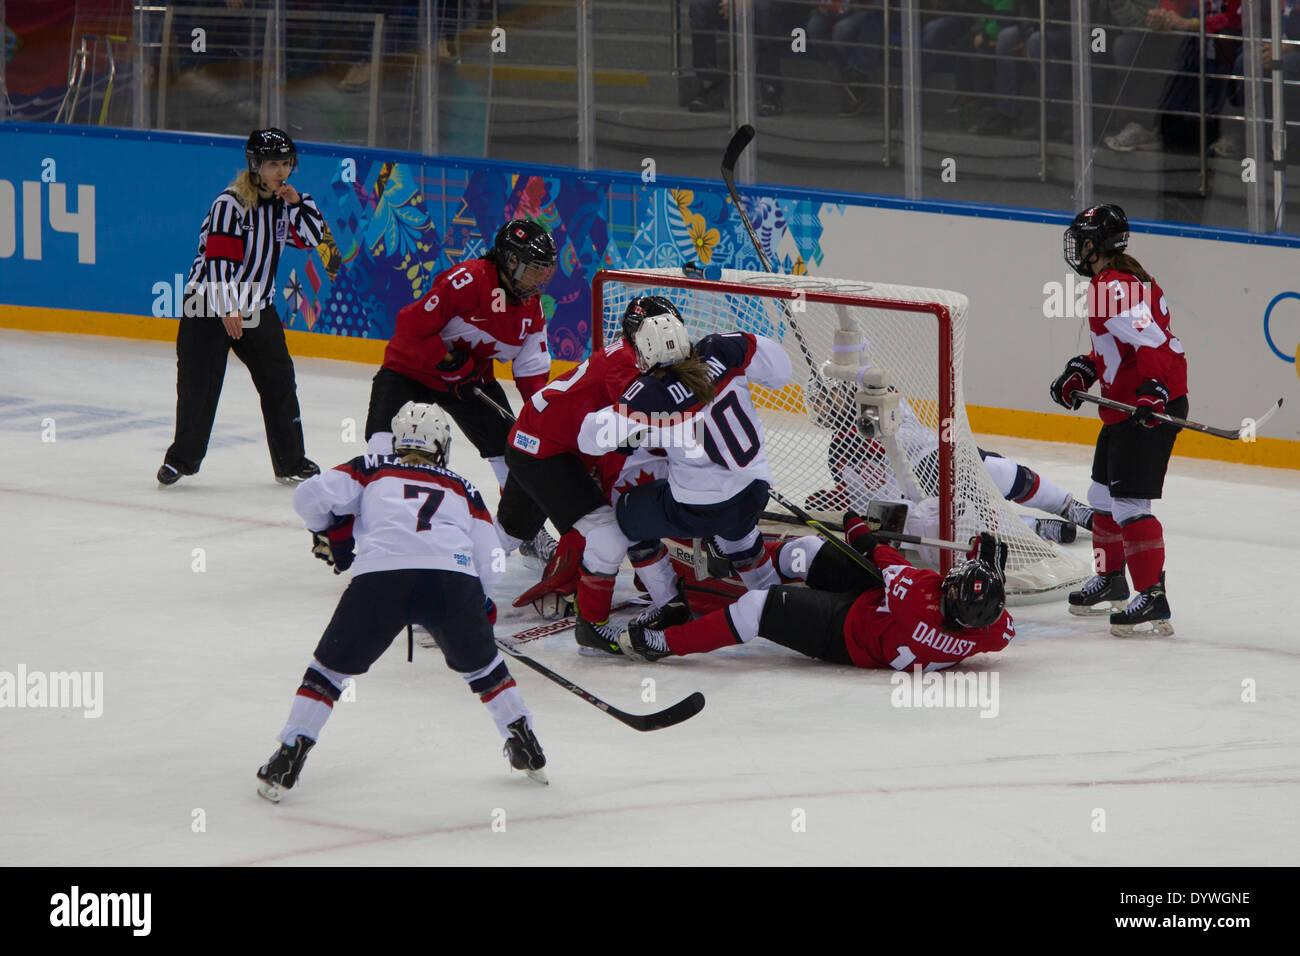 USA-Canada femminile di Hockey su ghiaccio presso i Giochi Olimpici Invernali, Sochi 2014 Immagini Stock